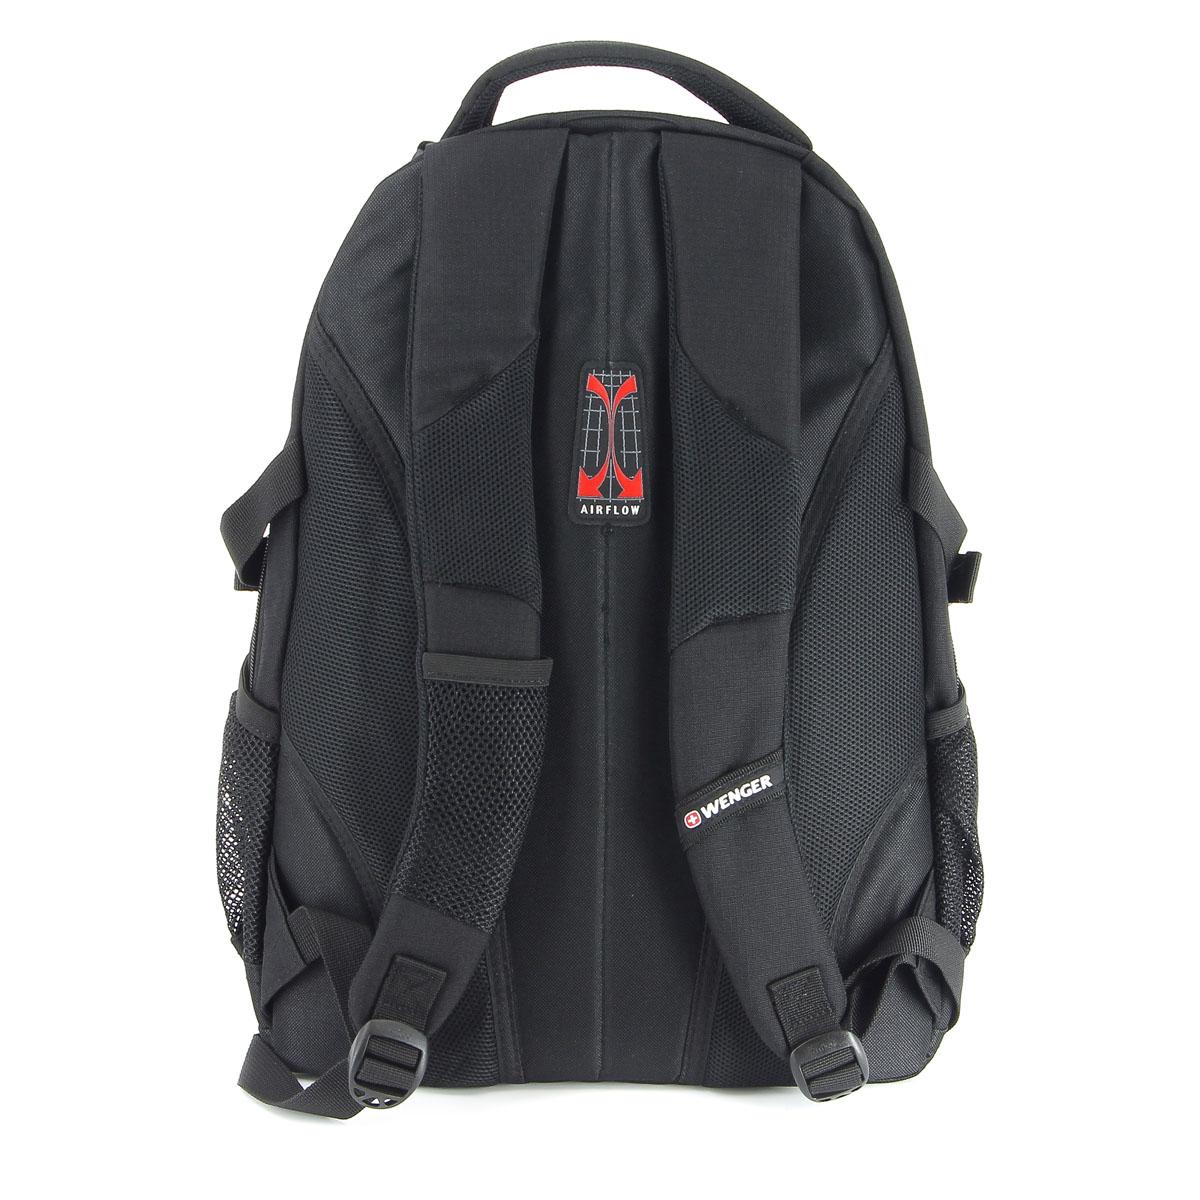 Рюкзак Wenger, цвет: черный, 33 см х 15 см х 45 см, 22 л ( 3001202408 )